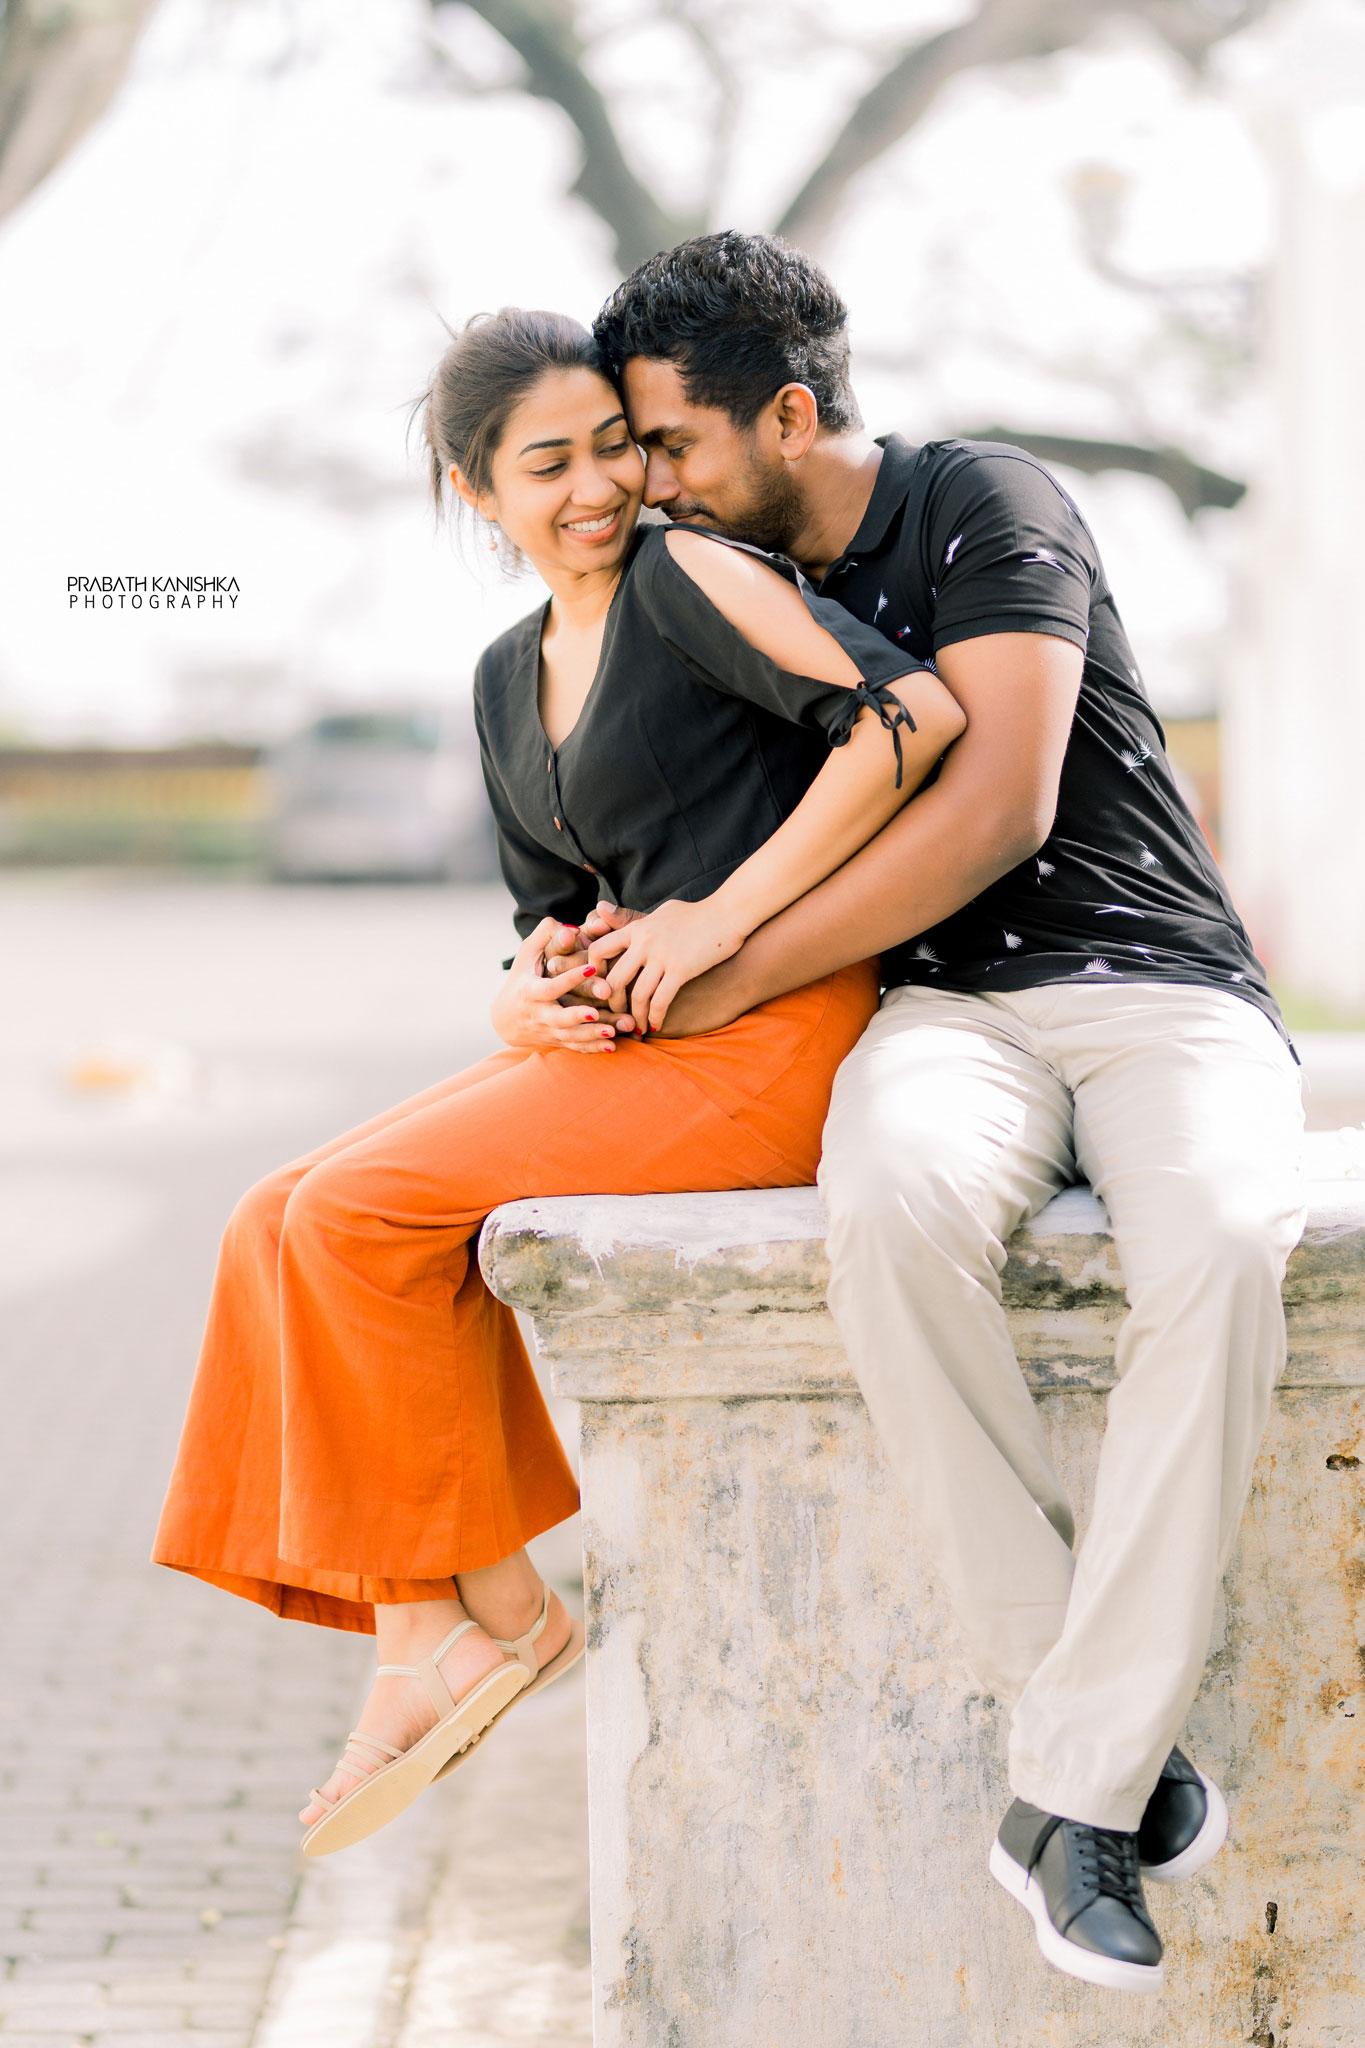 Hashini & Achala - Prabath Kanishka Wedding Photography